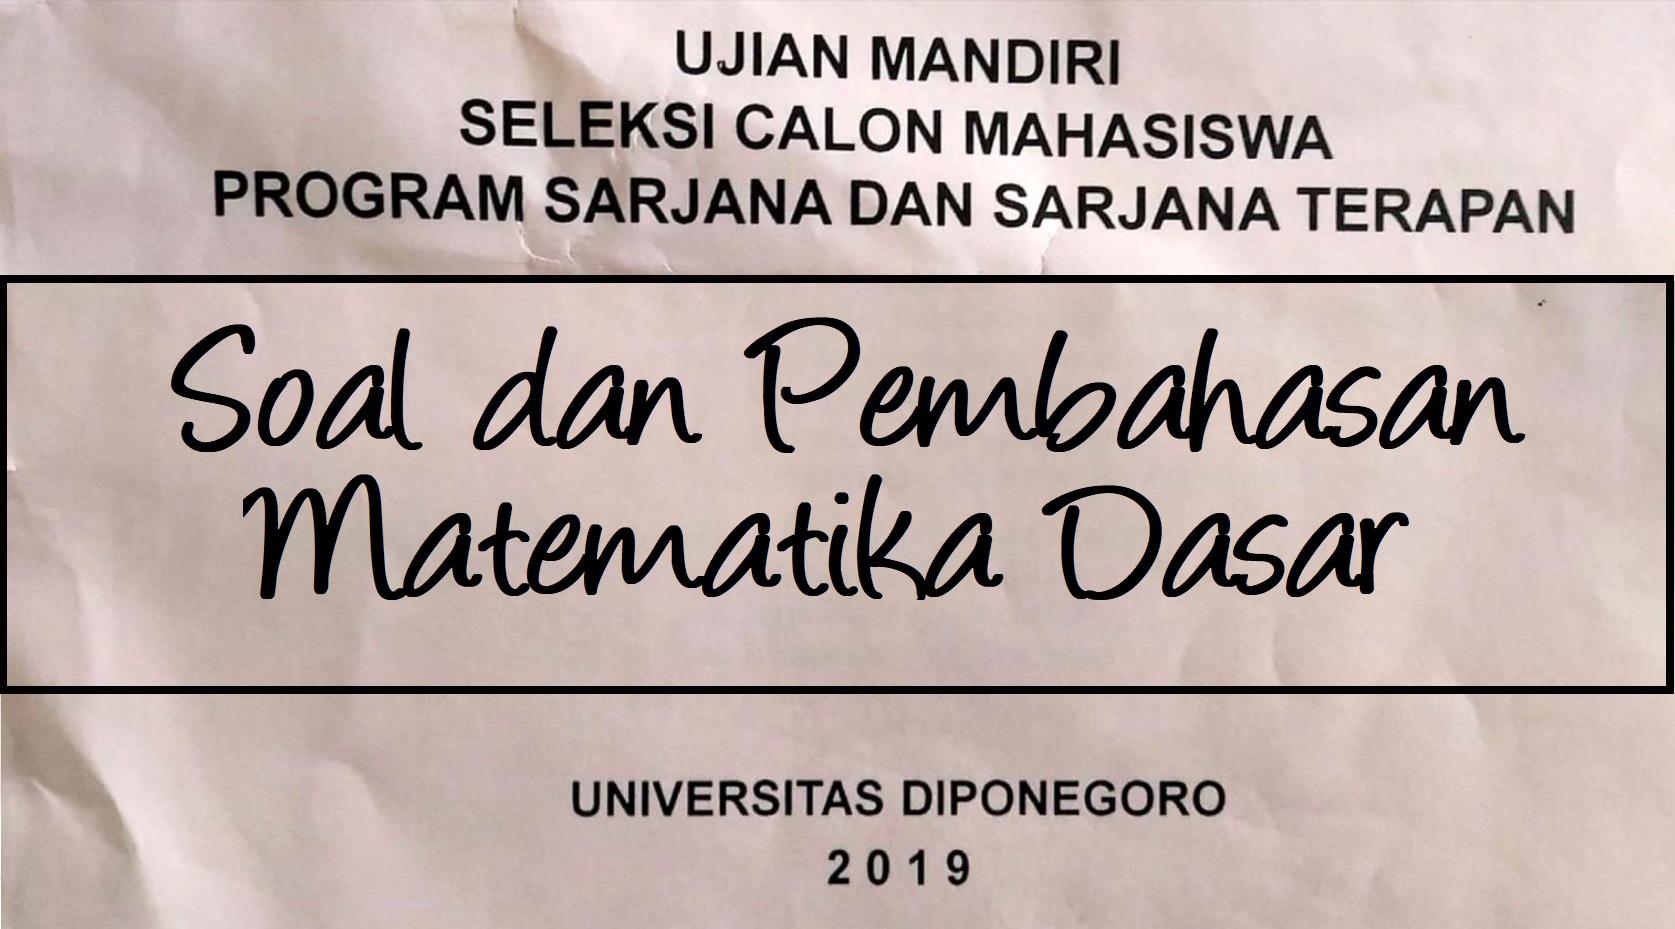 Soal dan Pembahasan Kemampuan Matematika Dasar UM UNDIP Tahun 2019 Kode 431